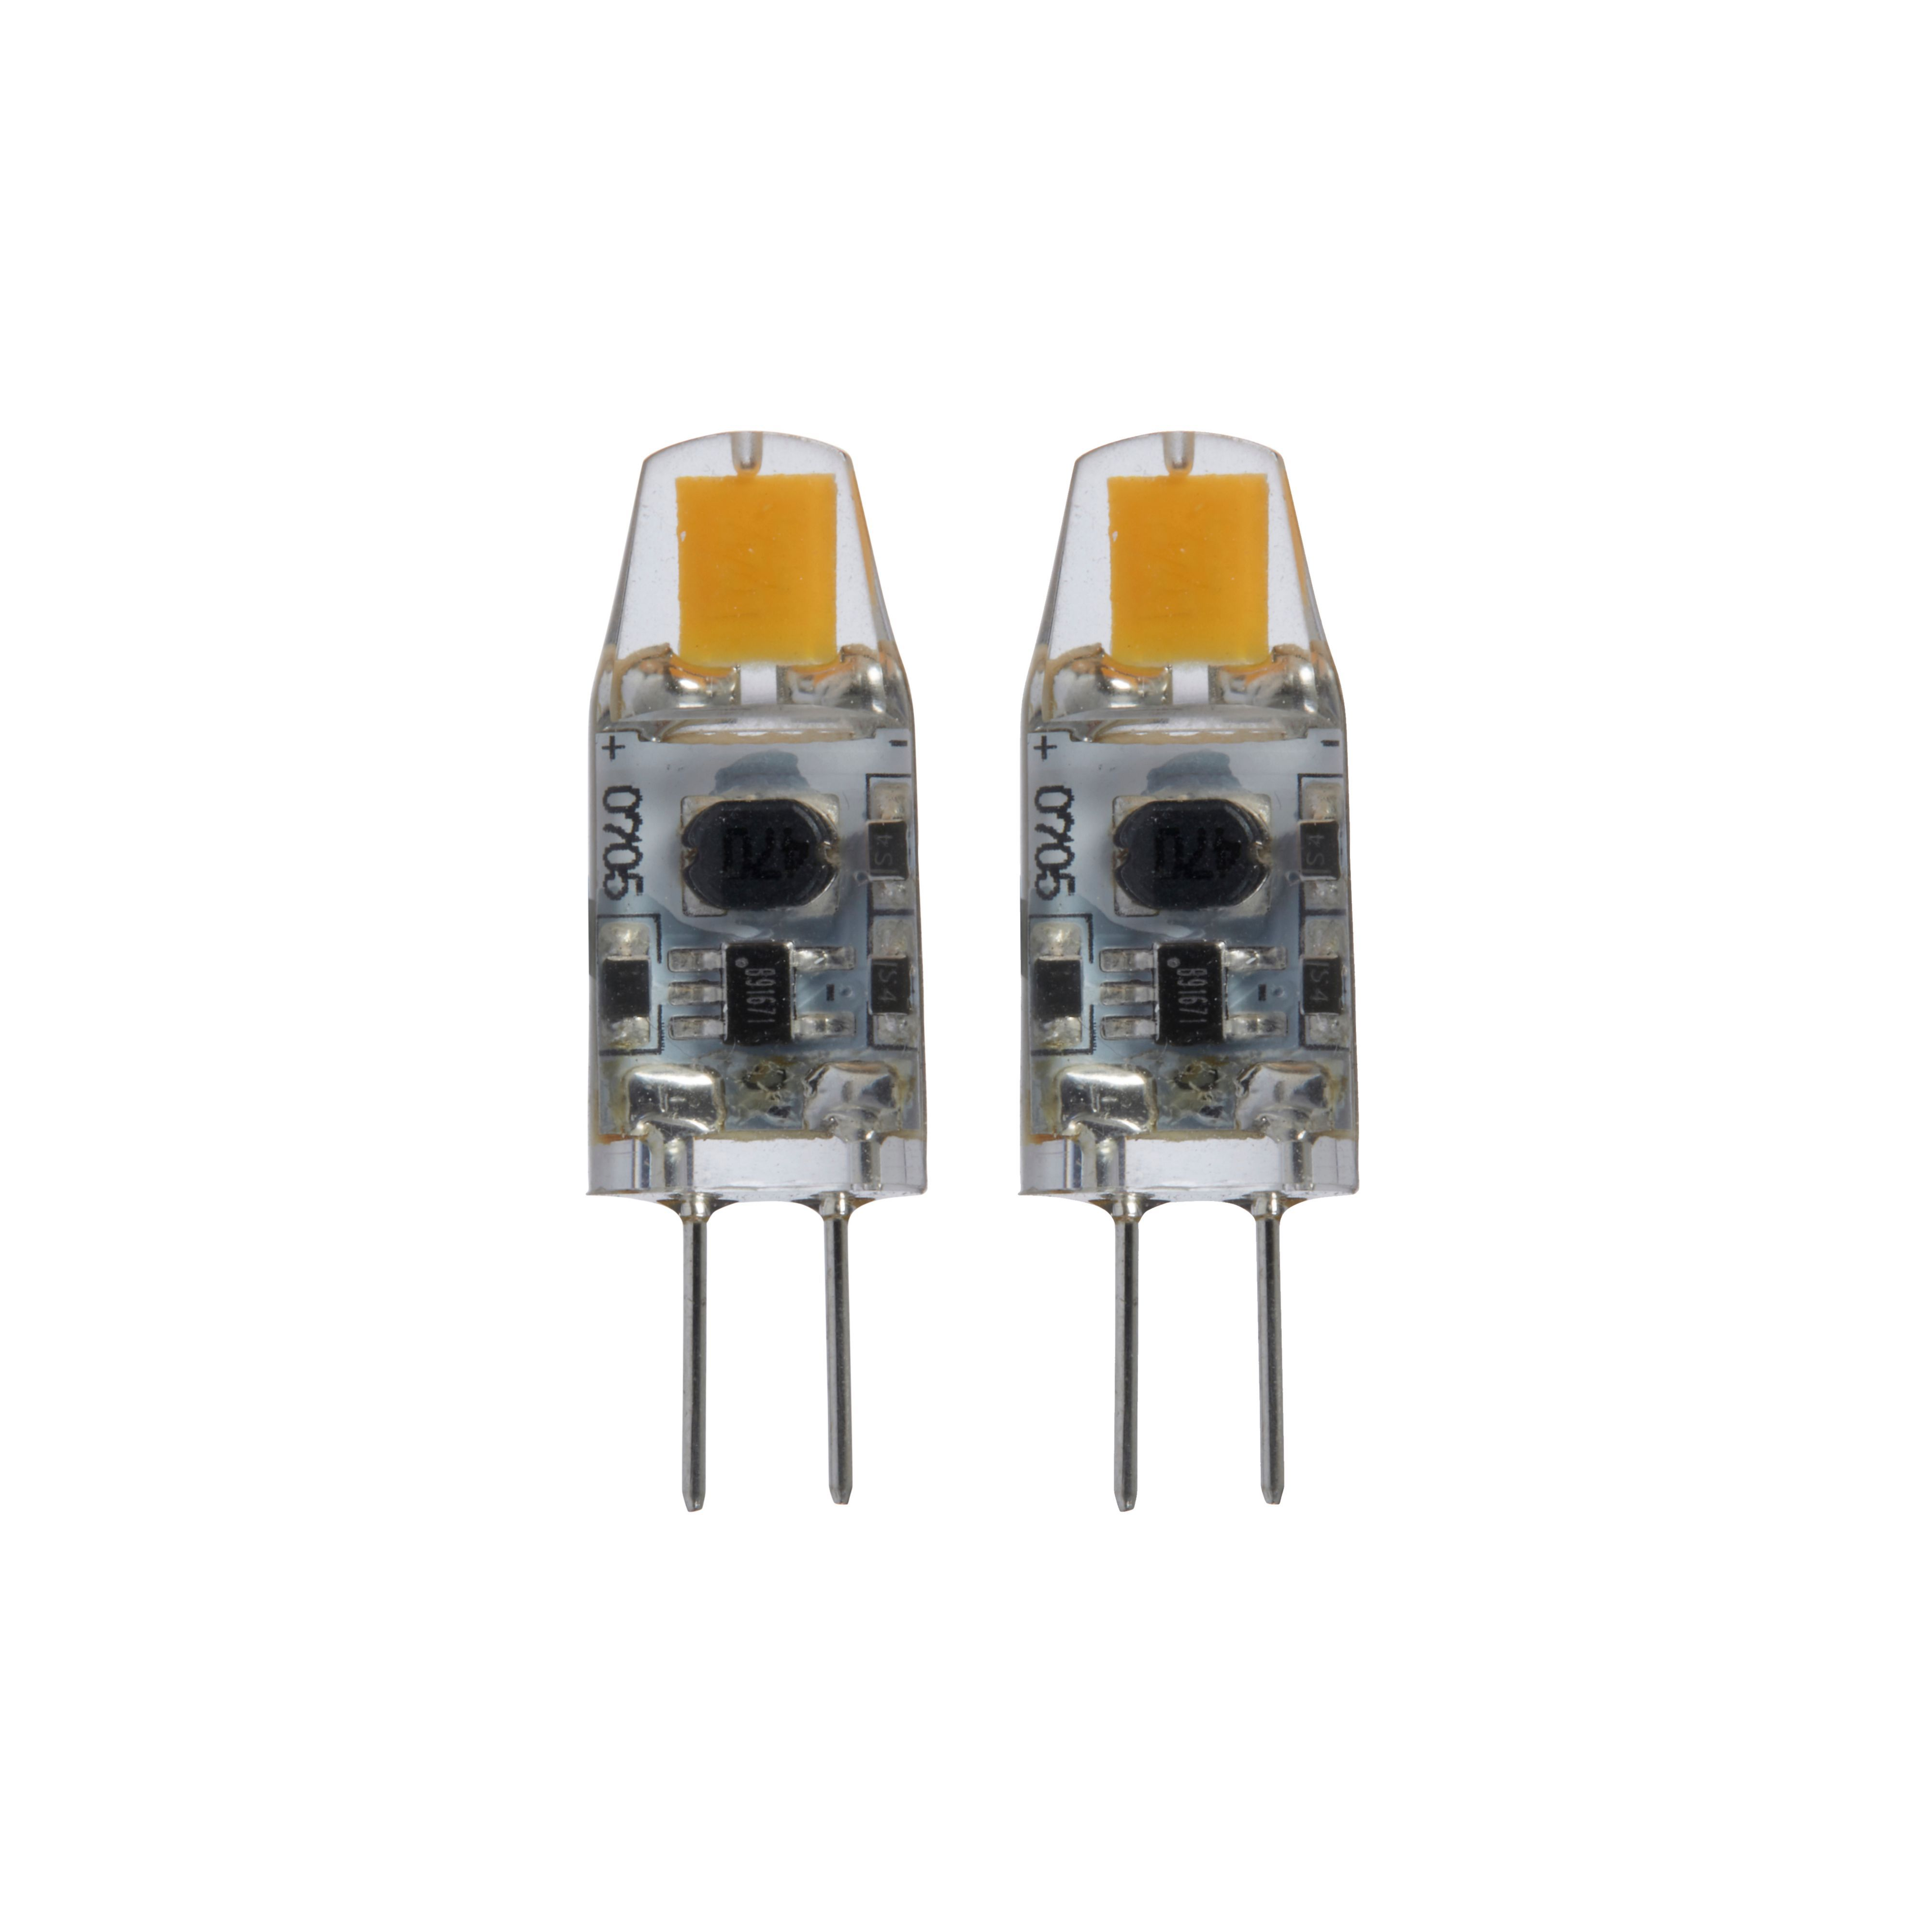 Diall G4 100lm LED Capsule Light Bulb, Pack Of 2